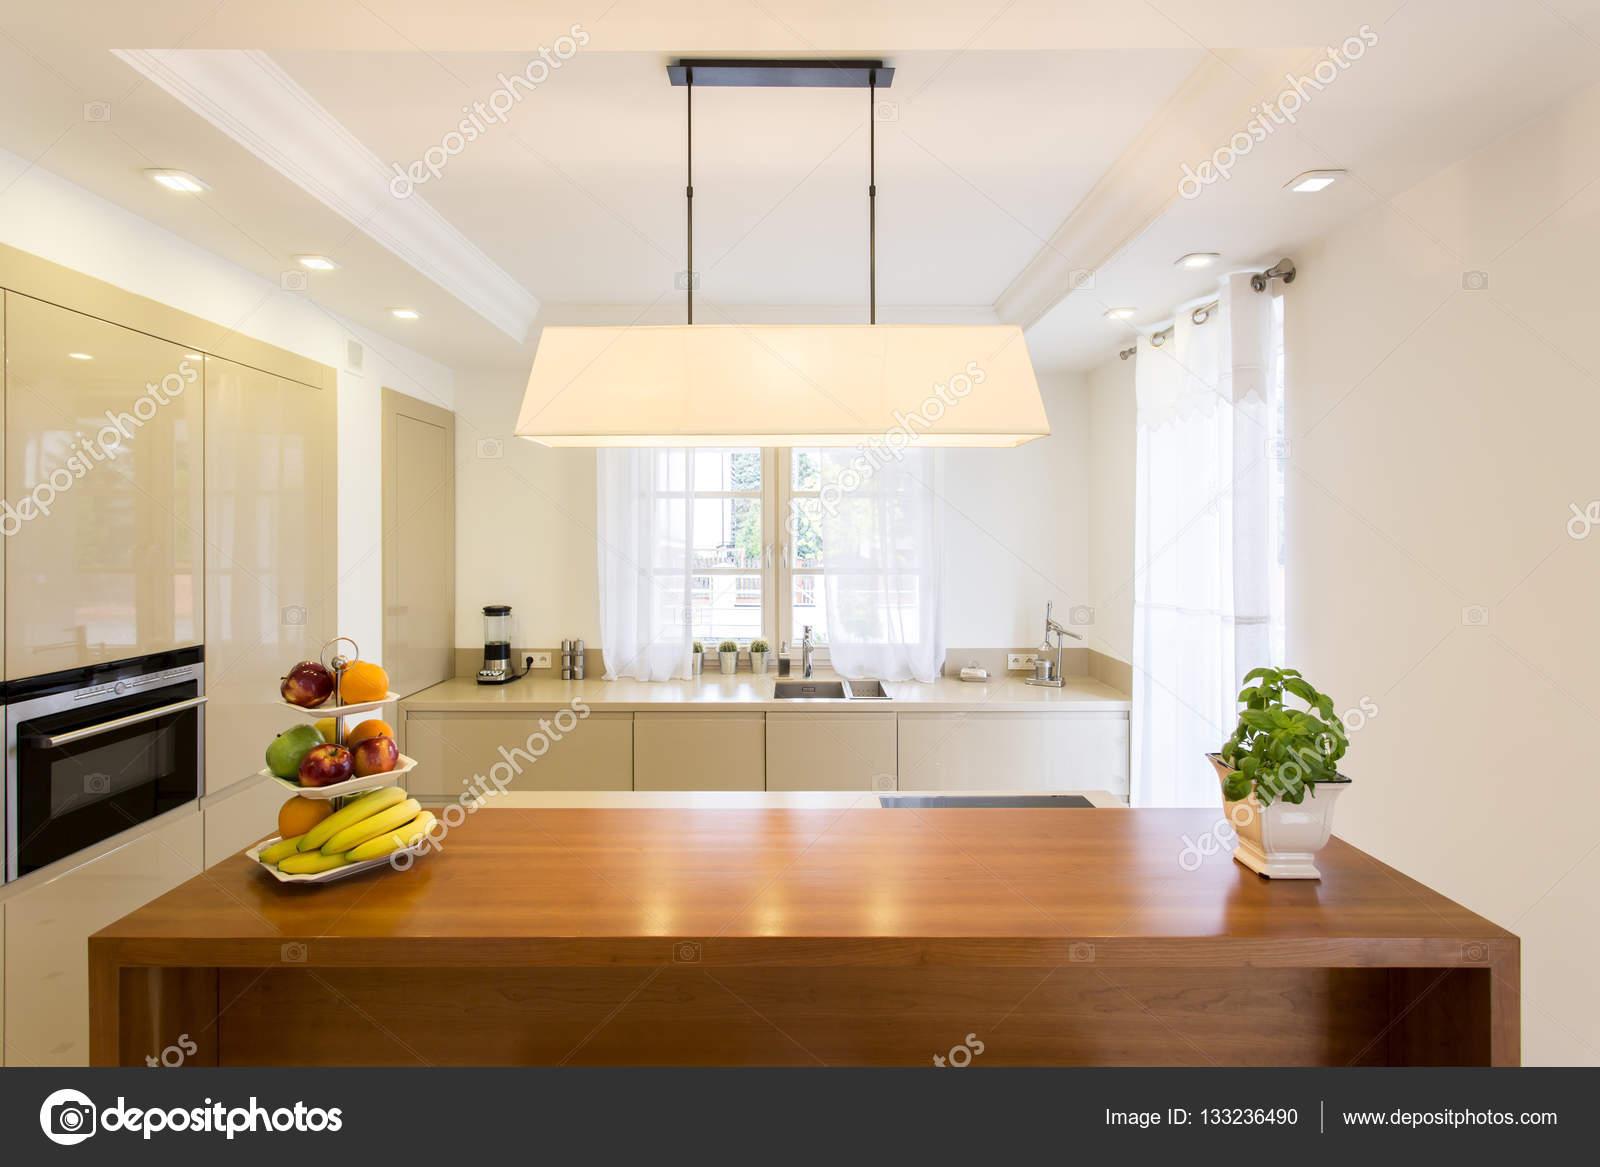 Cucine Con Bancone In Legno : Cucina con bancone in legno u2014 foto stock © photographee.eu #133236490